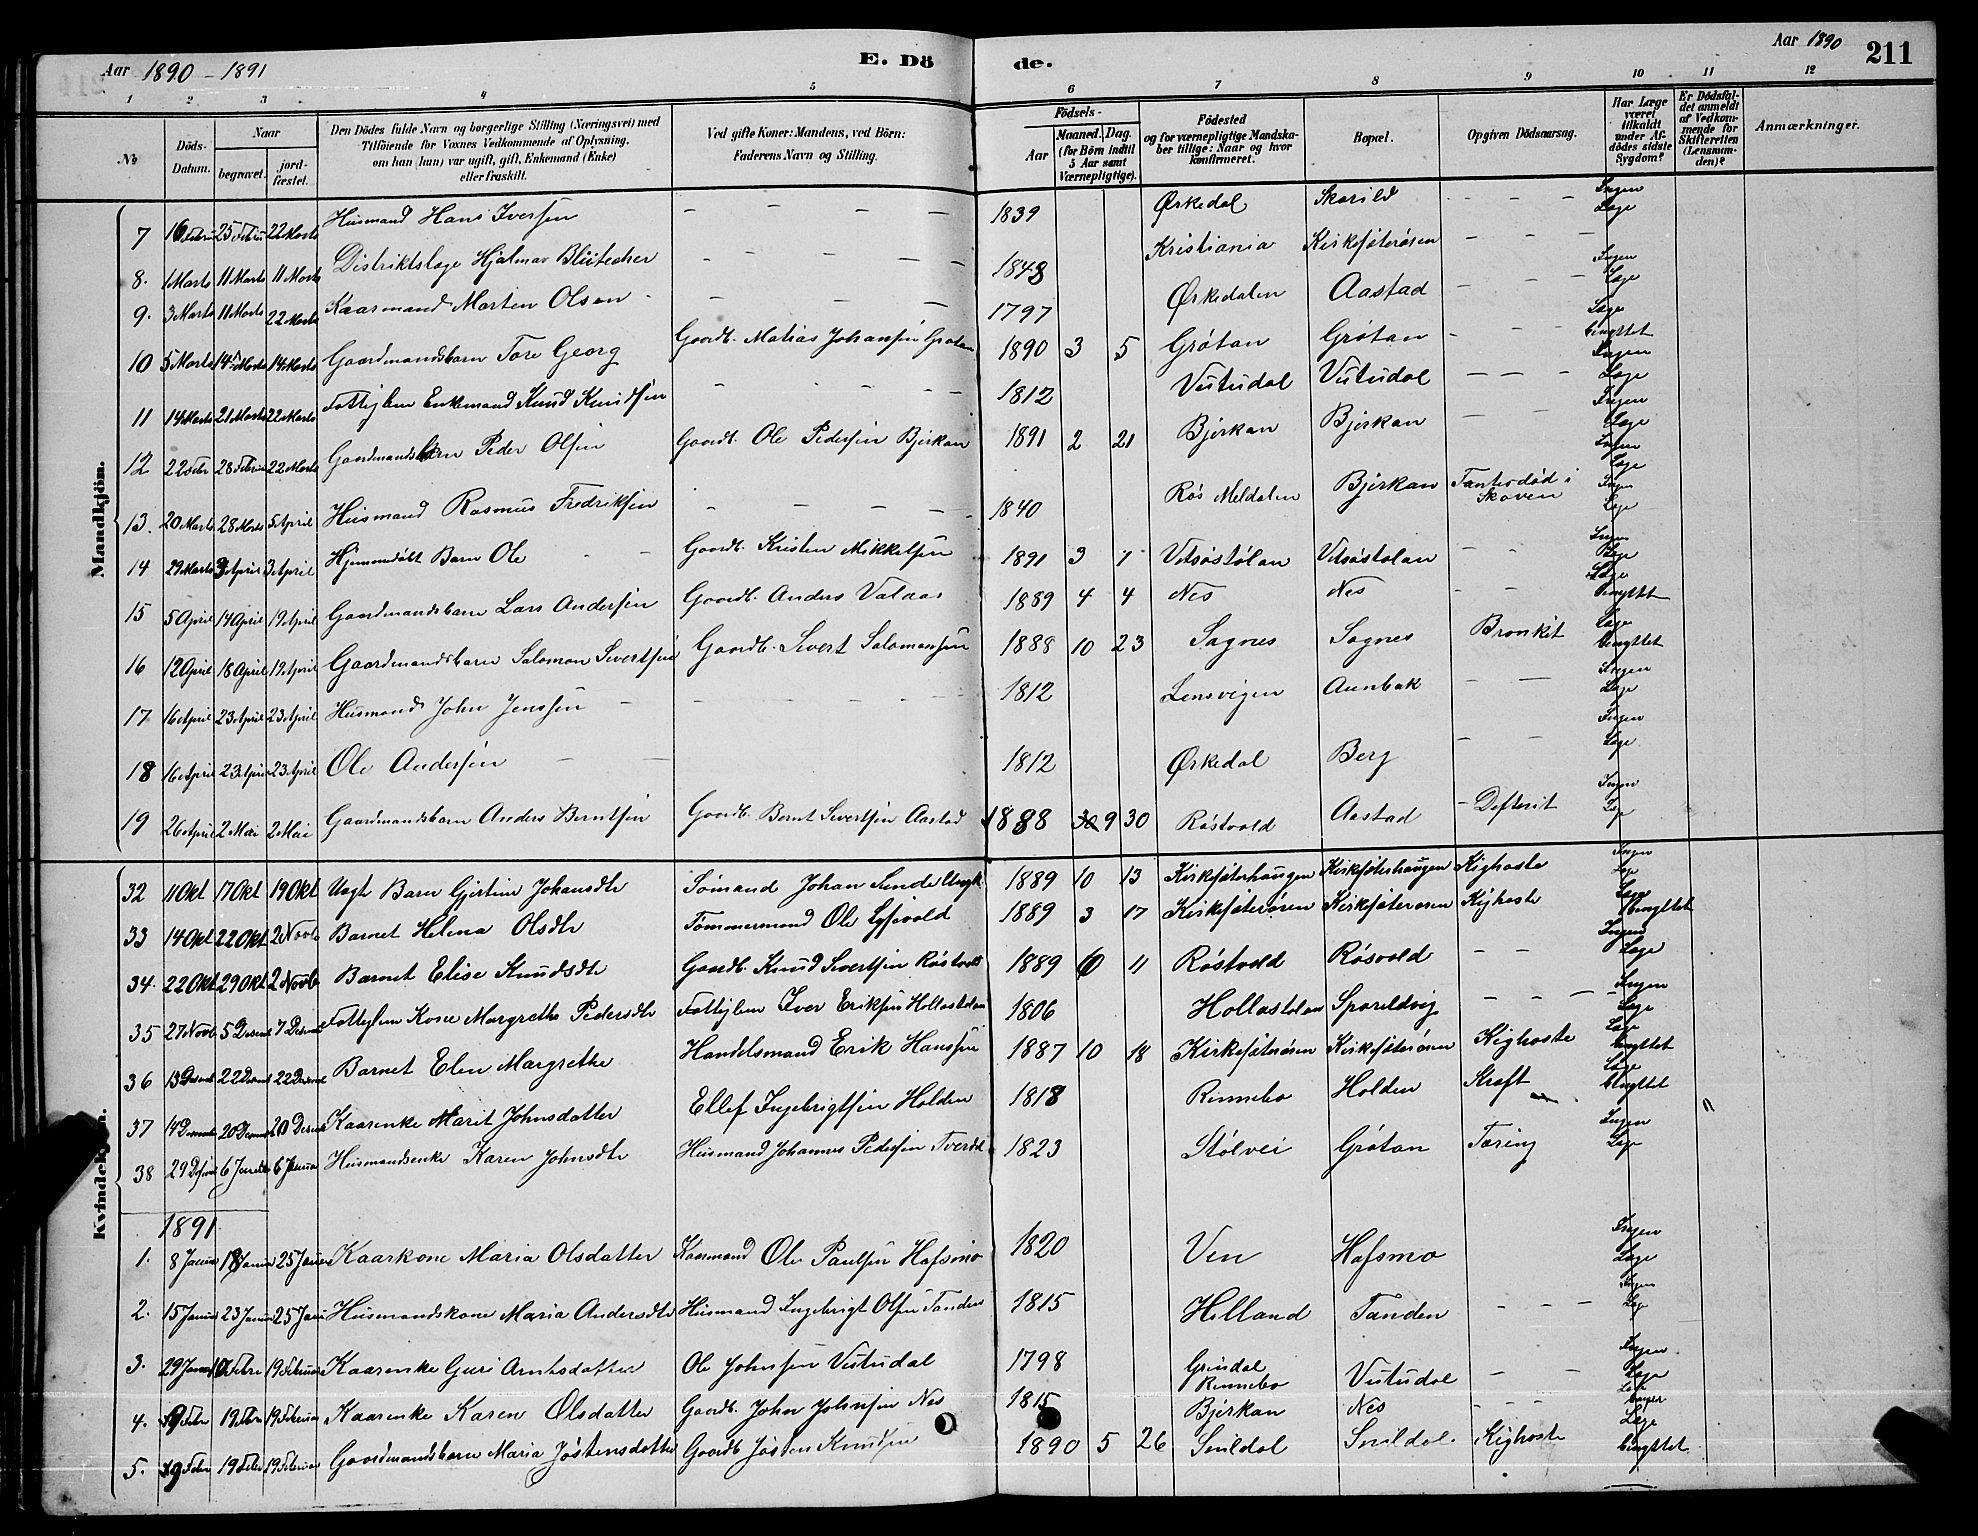 SAT, Ministerialprotokoller, klokkerbøker og fødselsregistre - Sør-Trøndelag, 630/L0504: Klokkerbok nr. 630C02, 1879-1898, s. 211